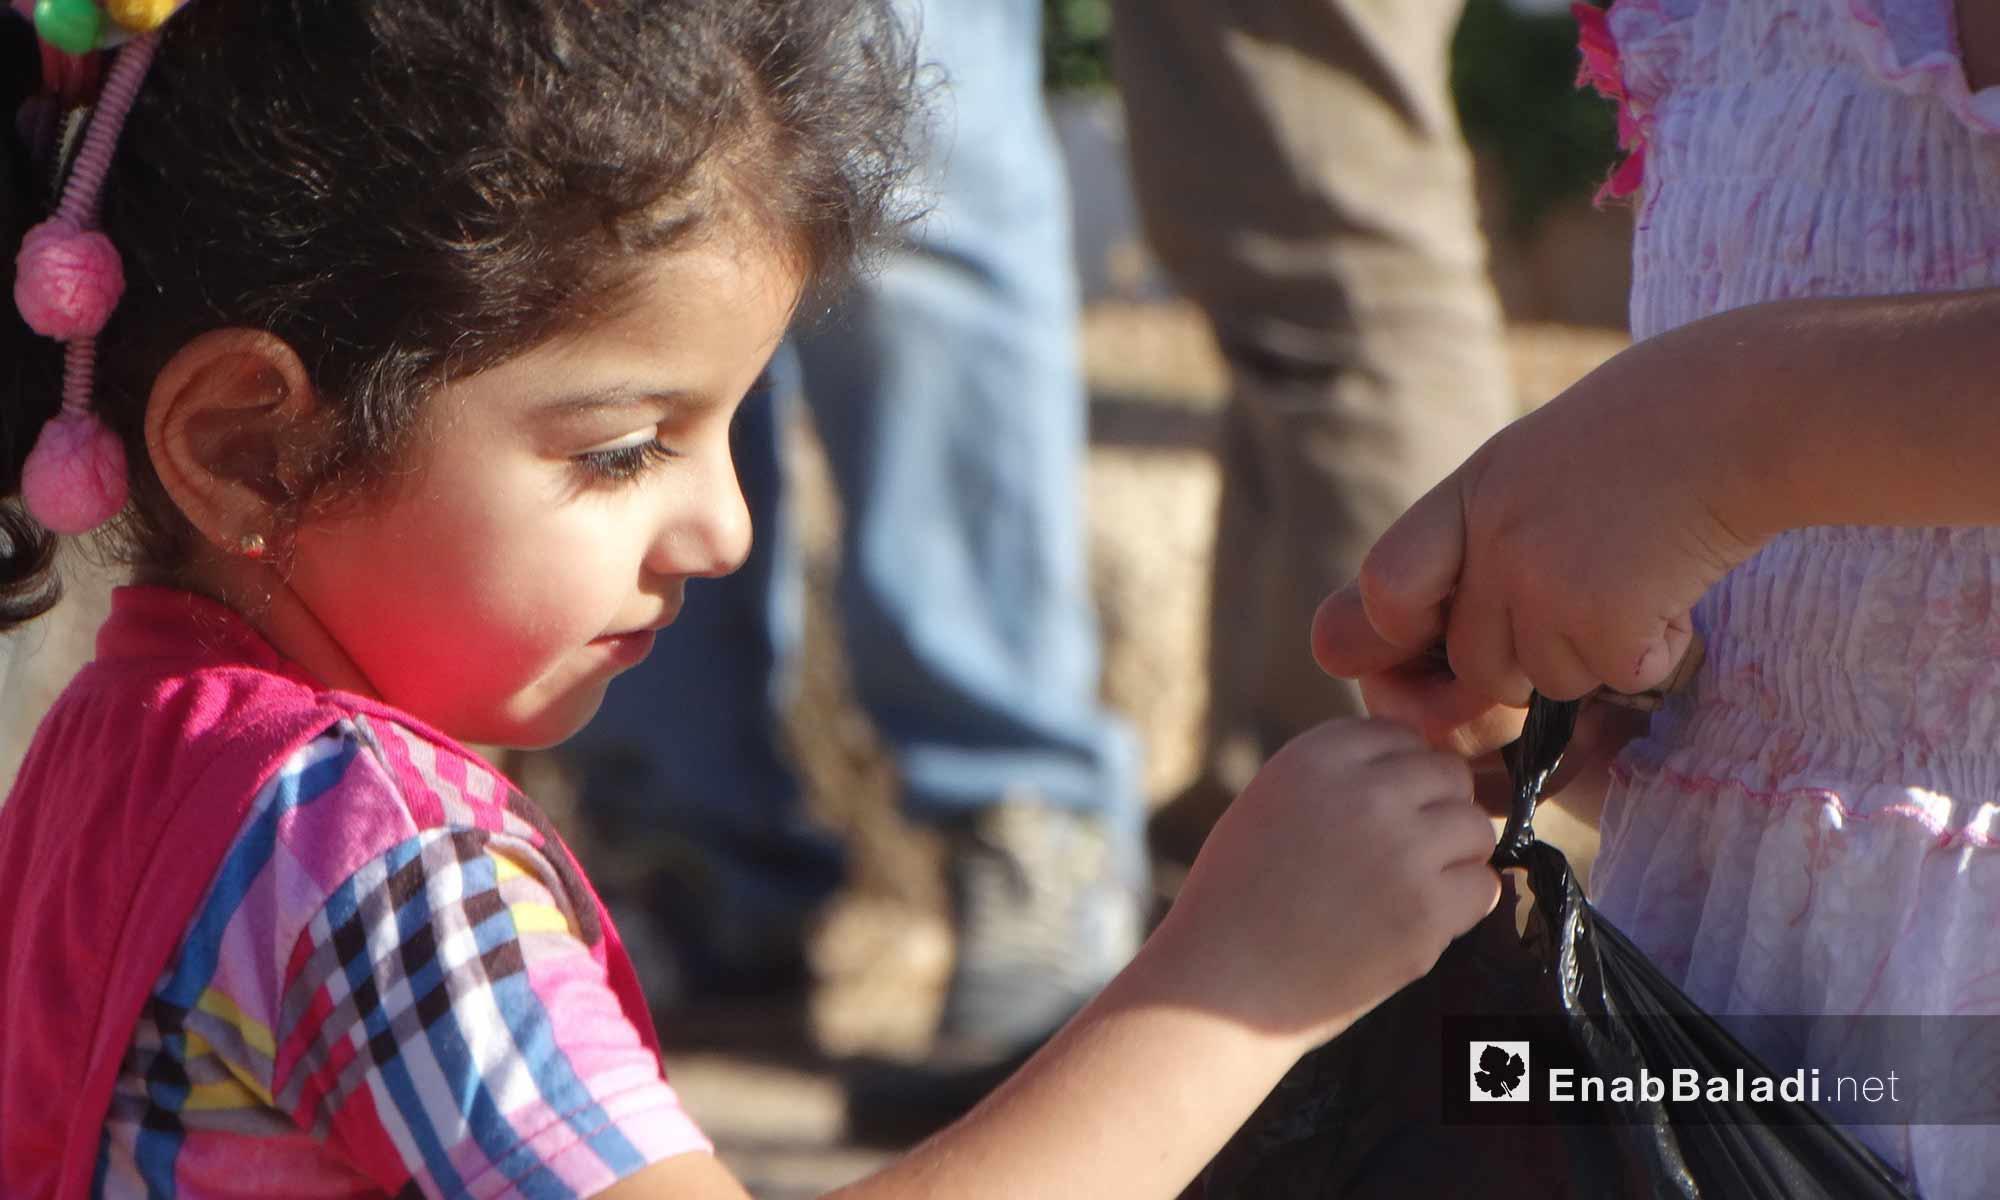 طفلة في حي الوعر بحمص - 11 تشرين الأول 2016 (عنب بلدي)